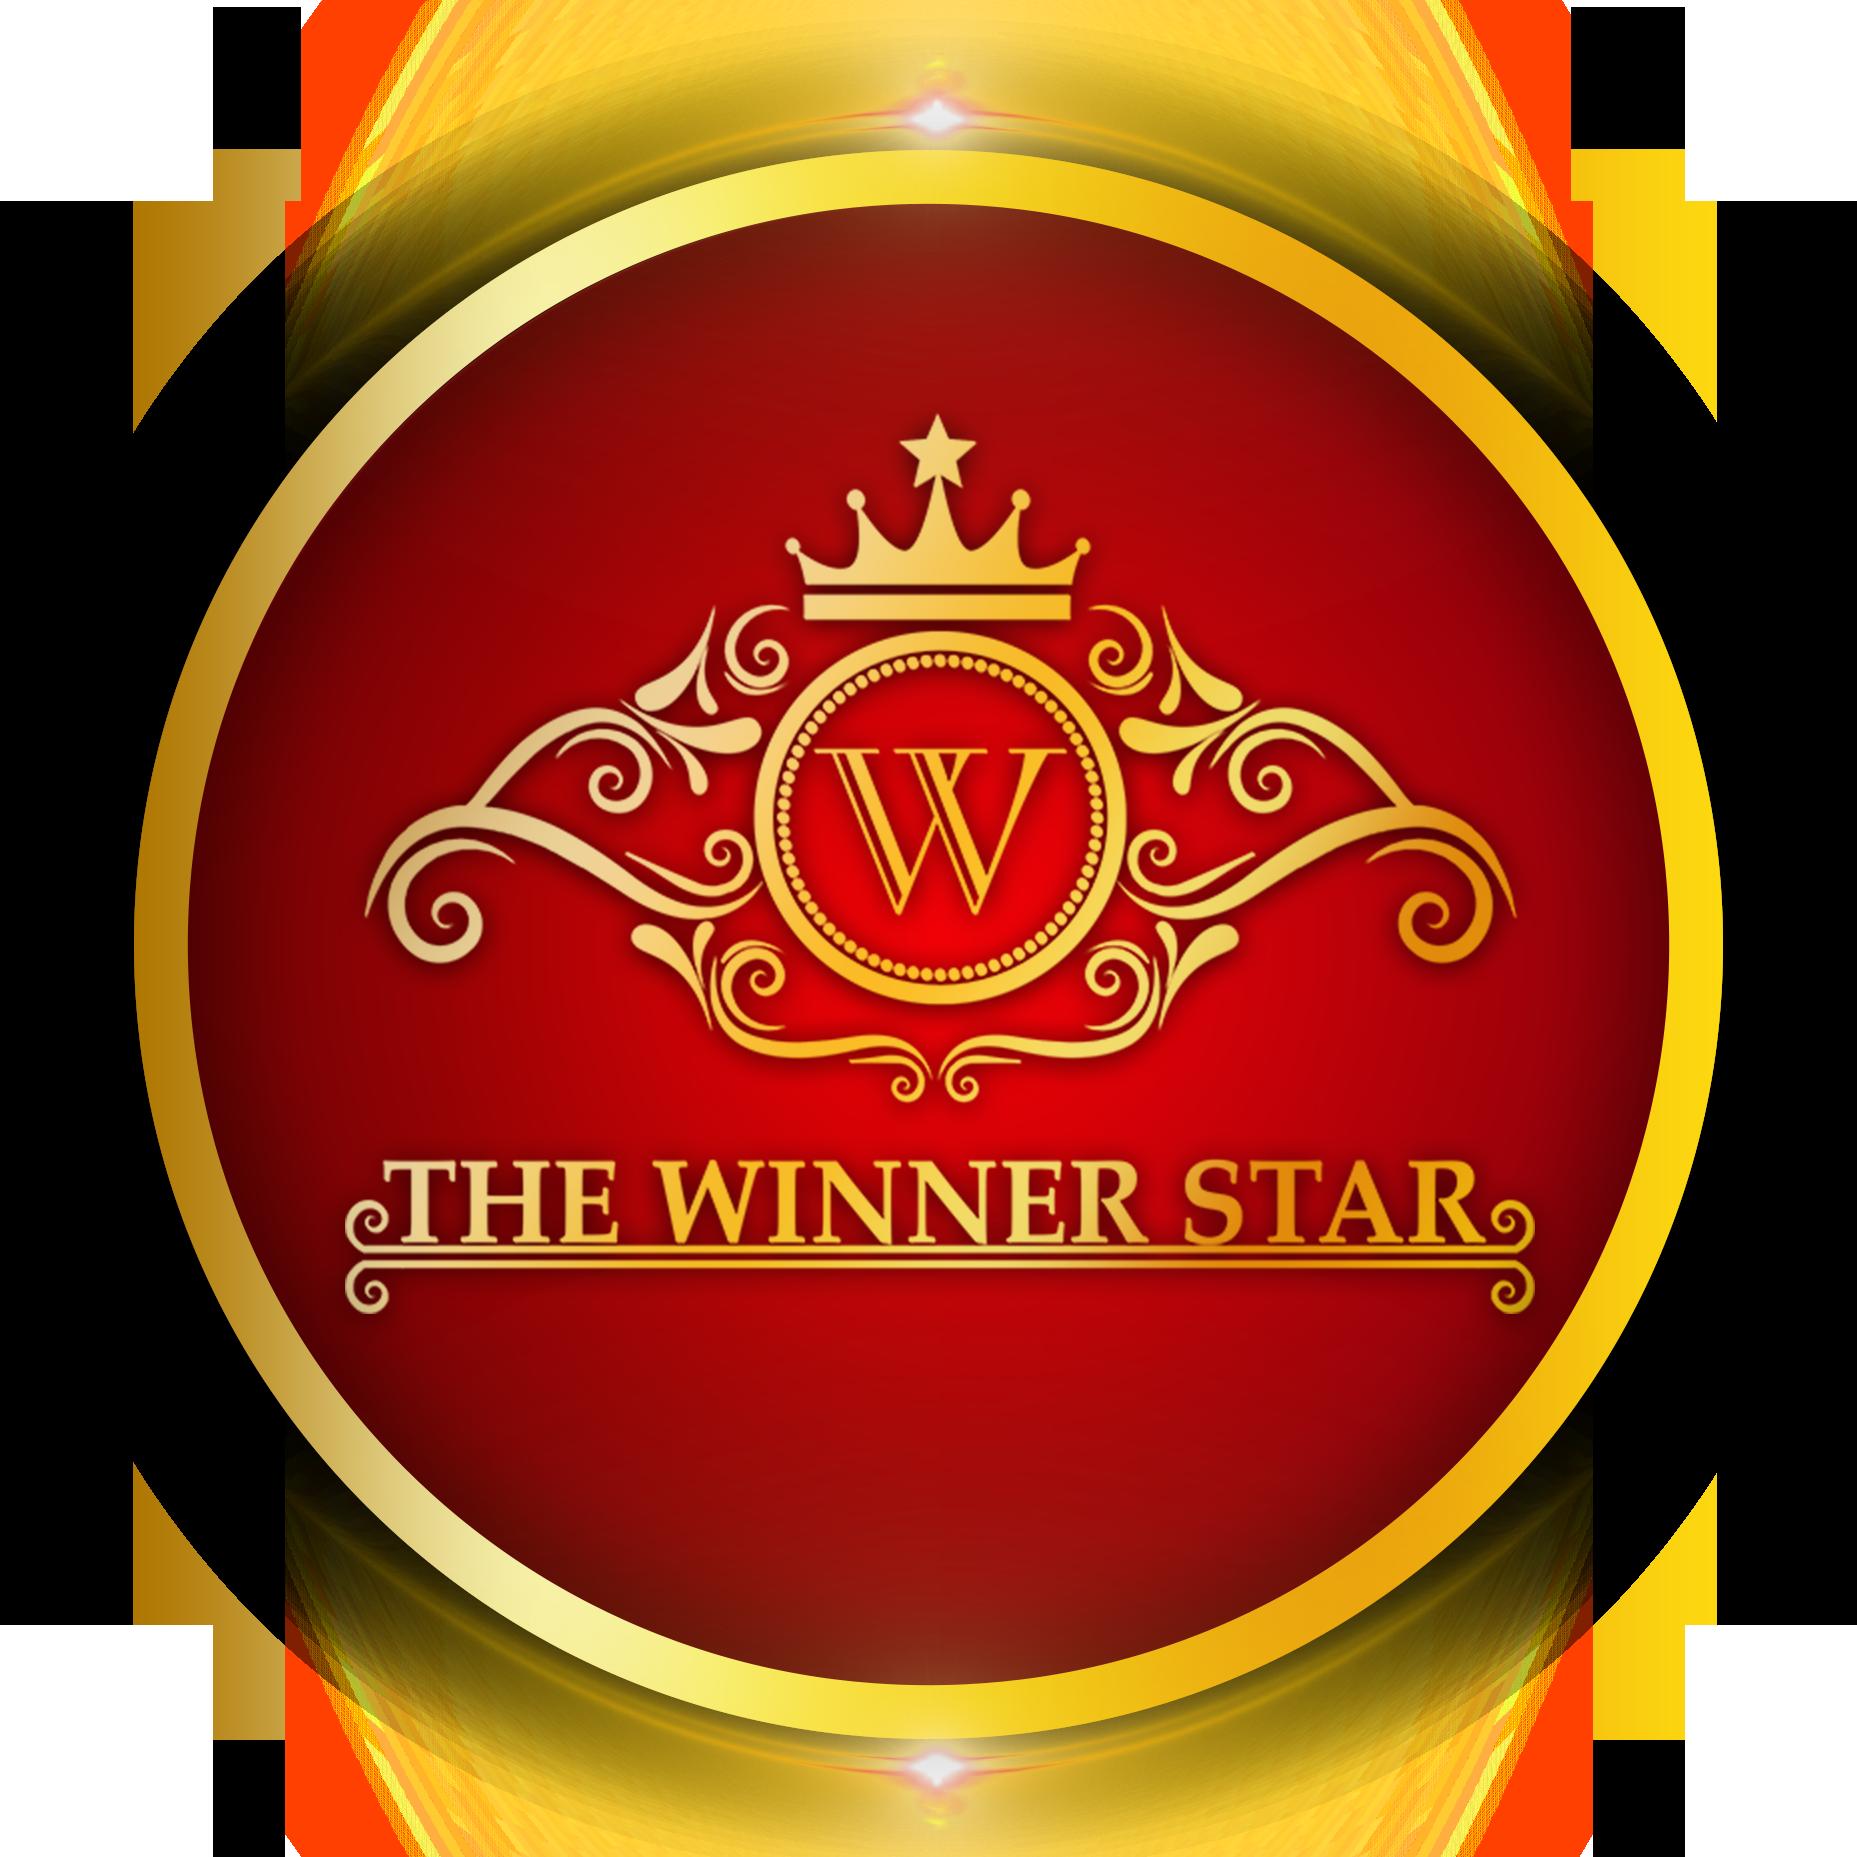 THE WINNER STAR